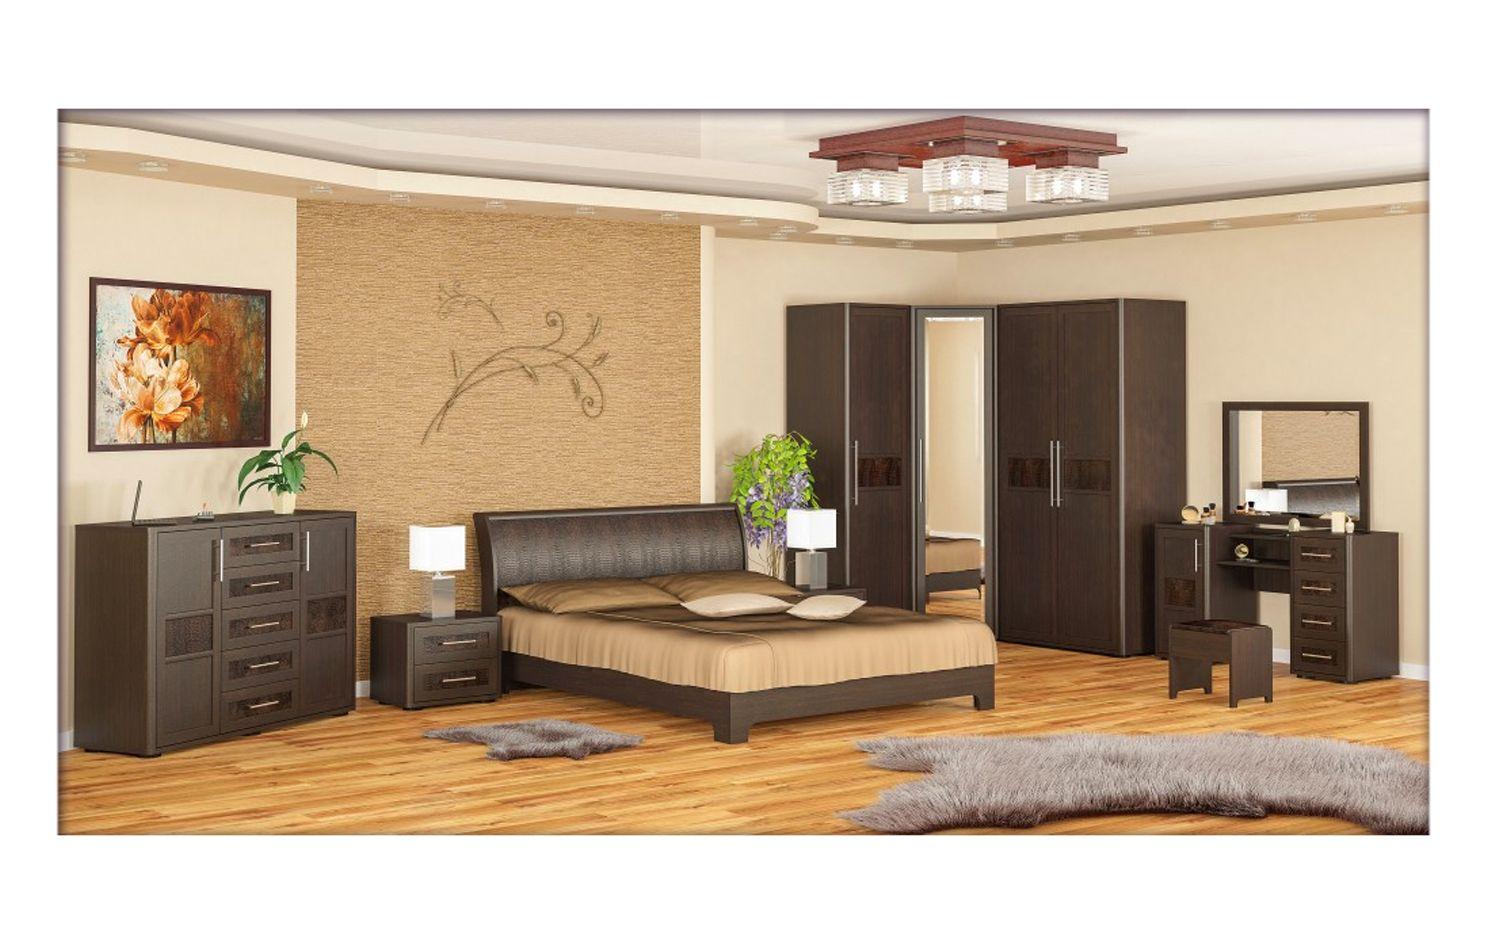 спальня токио купить по цене от1 грнгрн куб мебель интернет